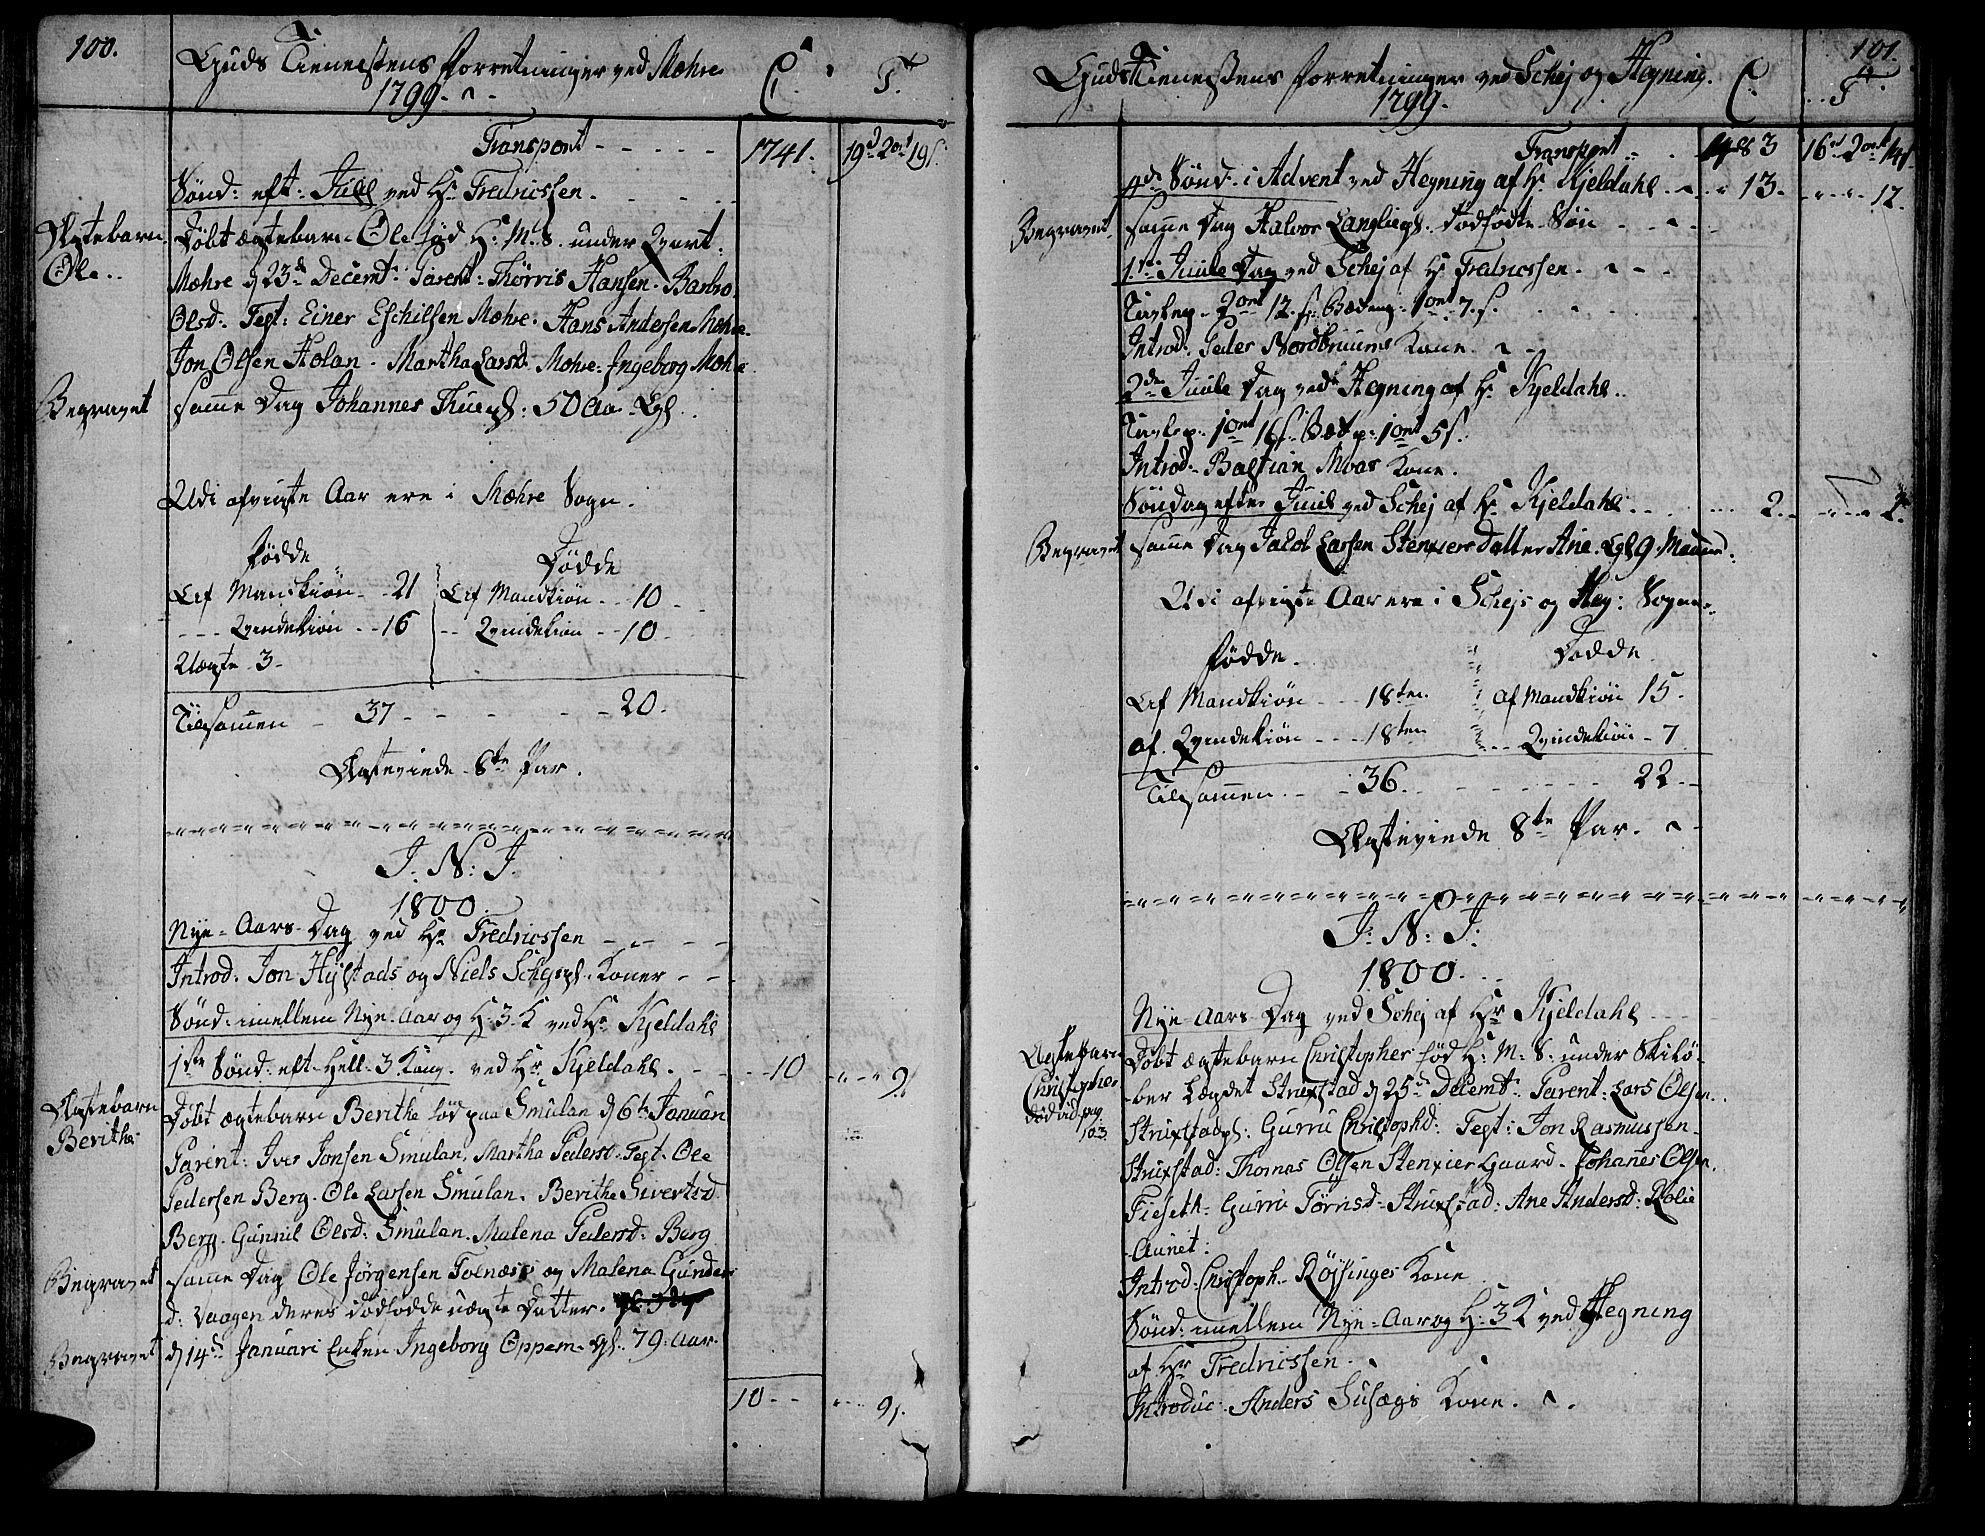 SAT, Ministerialprotokoller, klokkerbøker og fødselsregistre - Nord-Trøndelag, 735/L0332: Ministerialbok nr. 735A03, 1795-1816, s. 100-101